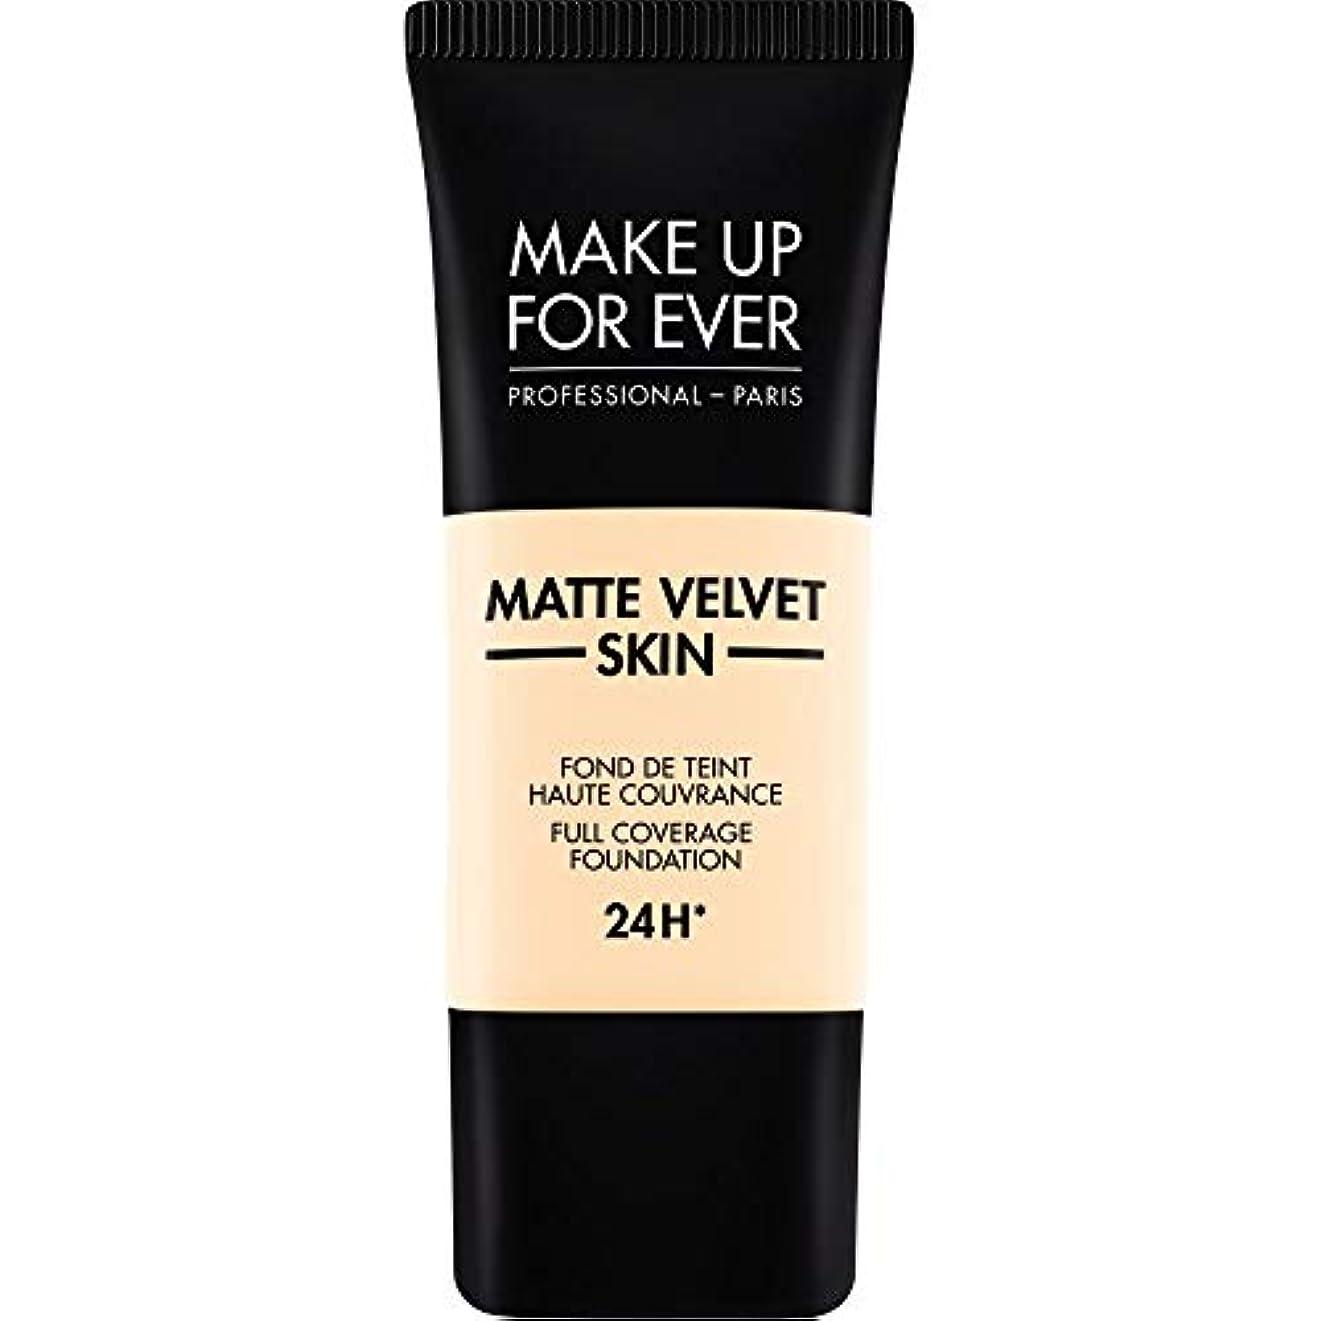 消す重力揃える[MAKE UP FOR EVER] これまでマットベルベットの皮膚のフルカバレッジ基礎30ミリリットルのY205を補う - アラバスター - MAKE UP FOR EVER Matte Velvet Skin Full Coverage Foundation 30ml Y205 - Alabaster [並行輸入品]